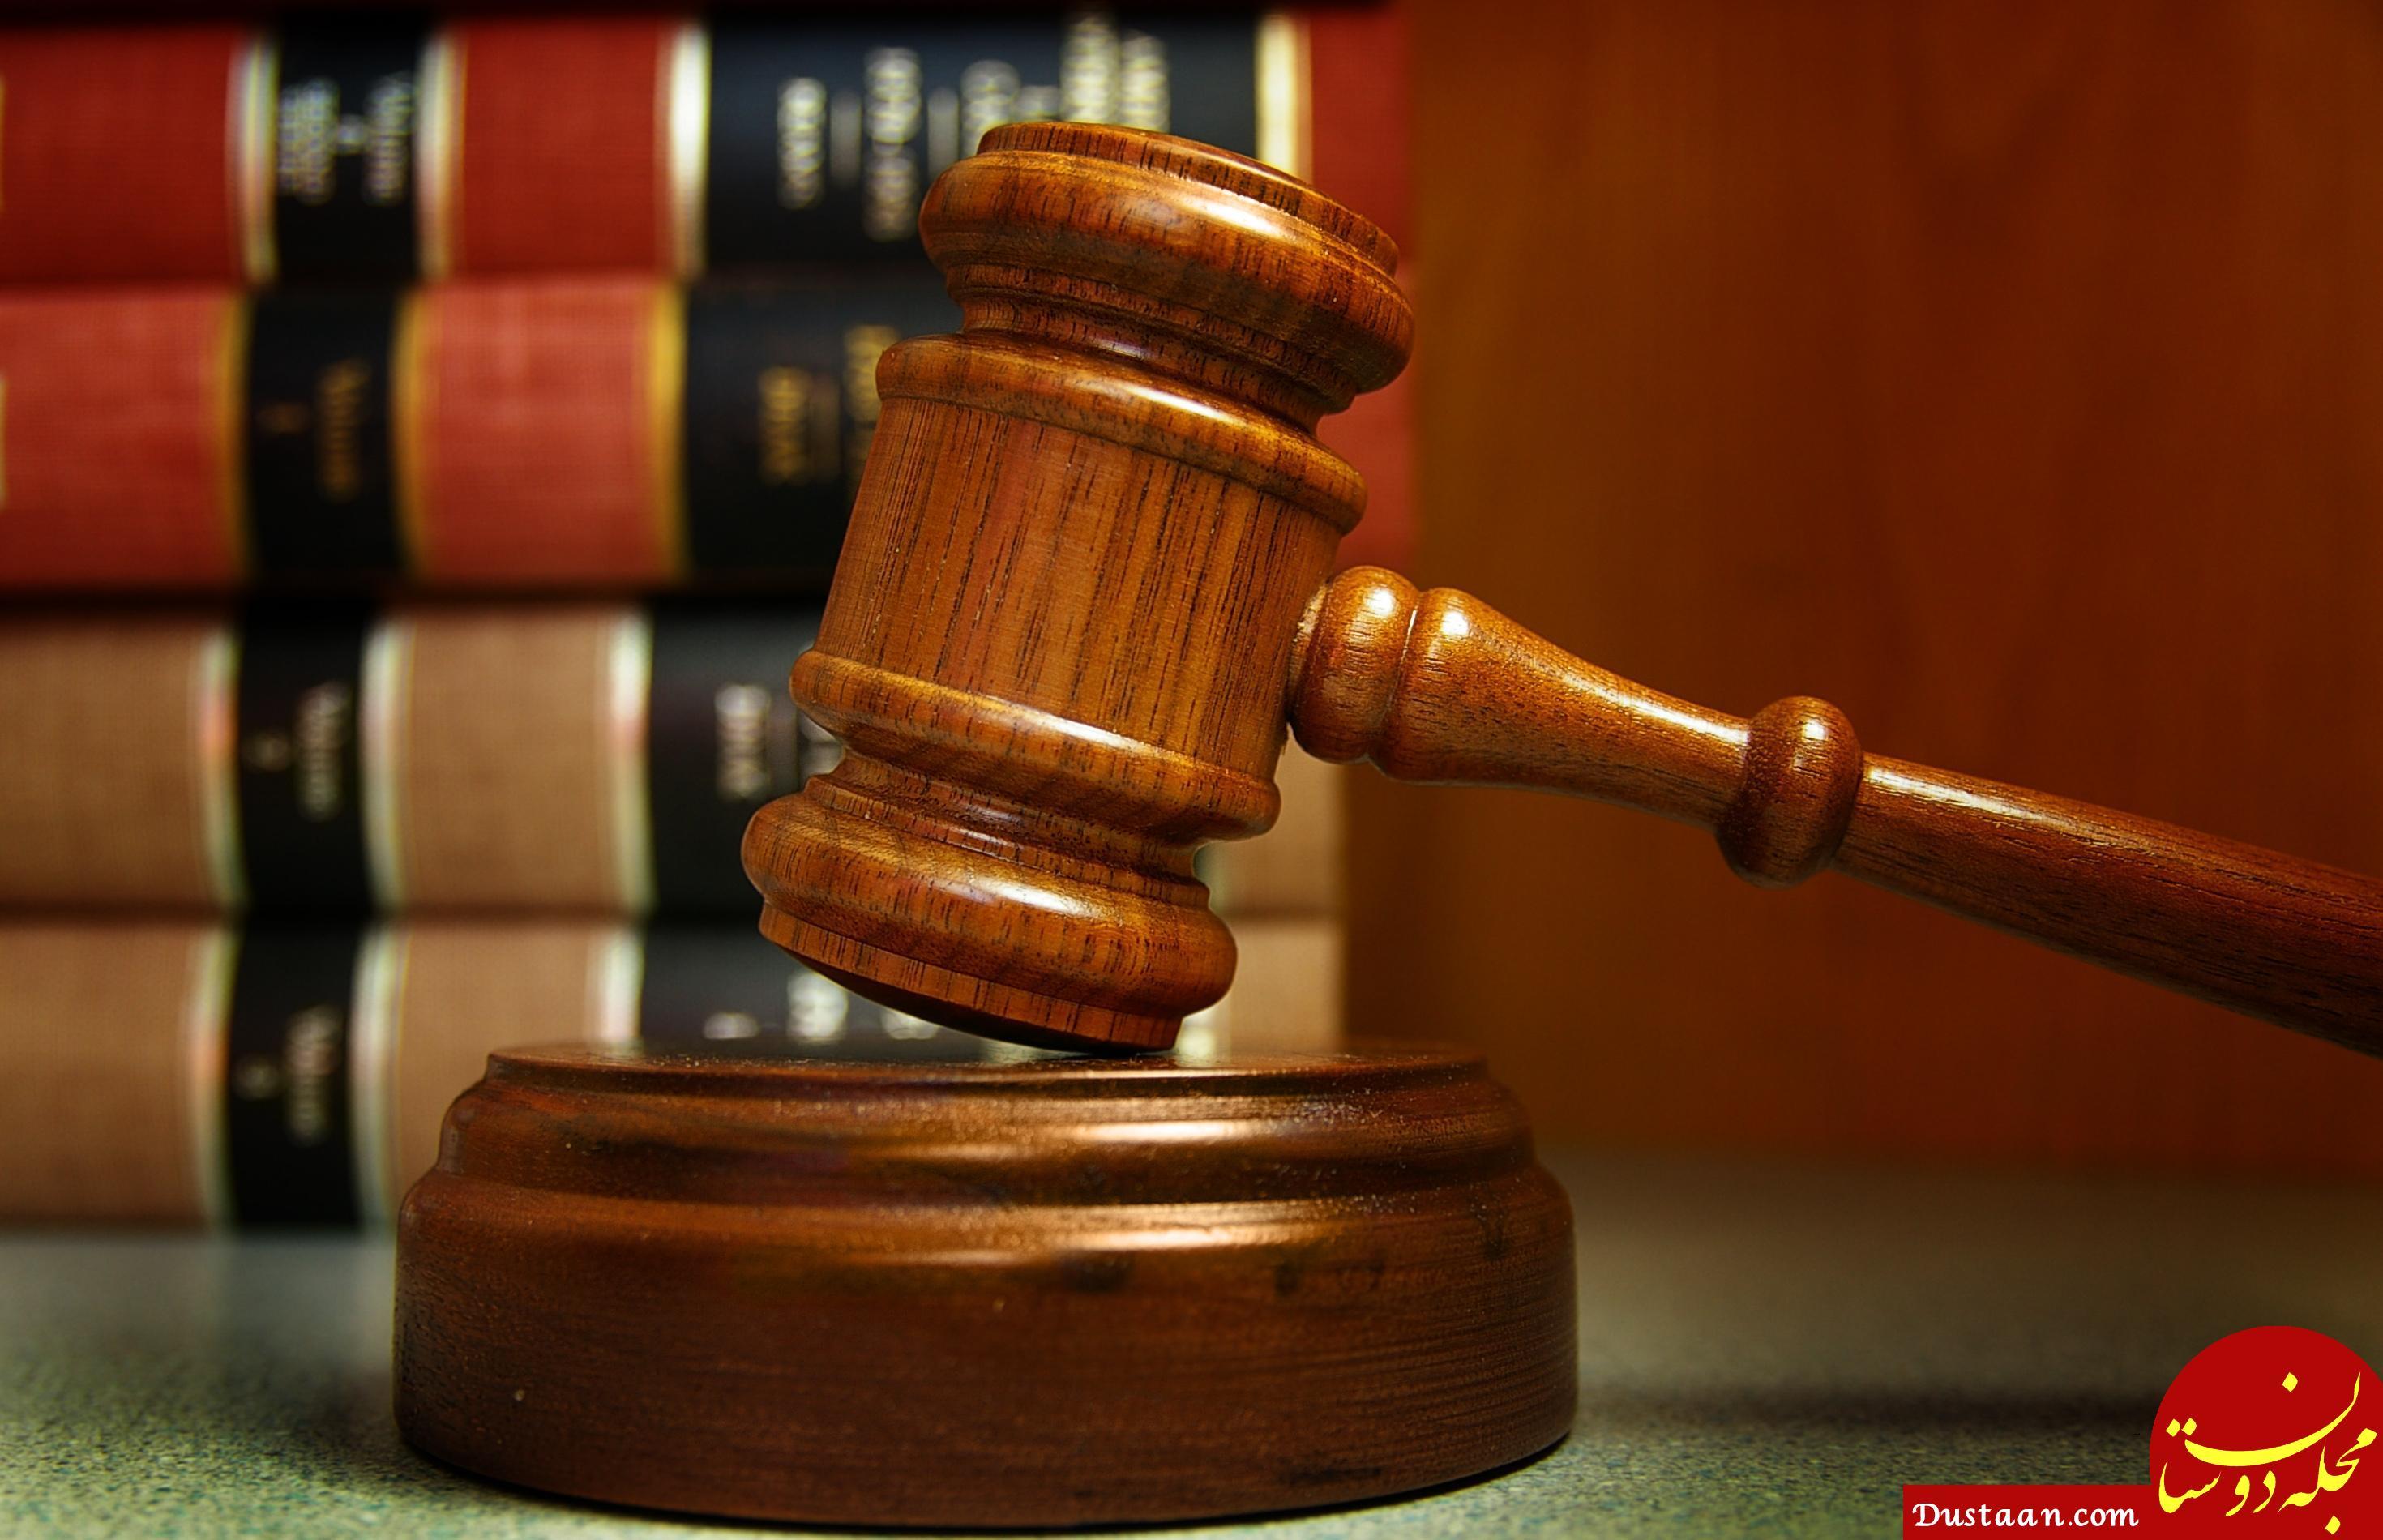 www.dustaan.com جزئیات نخستین رسیدگی به شکایت علیه فیلترینگ تلگرام و سرنوشت حکم آن